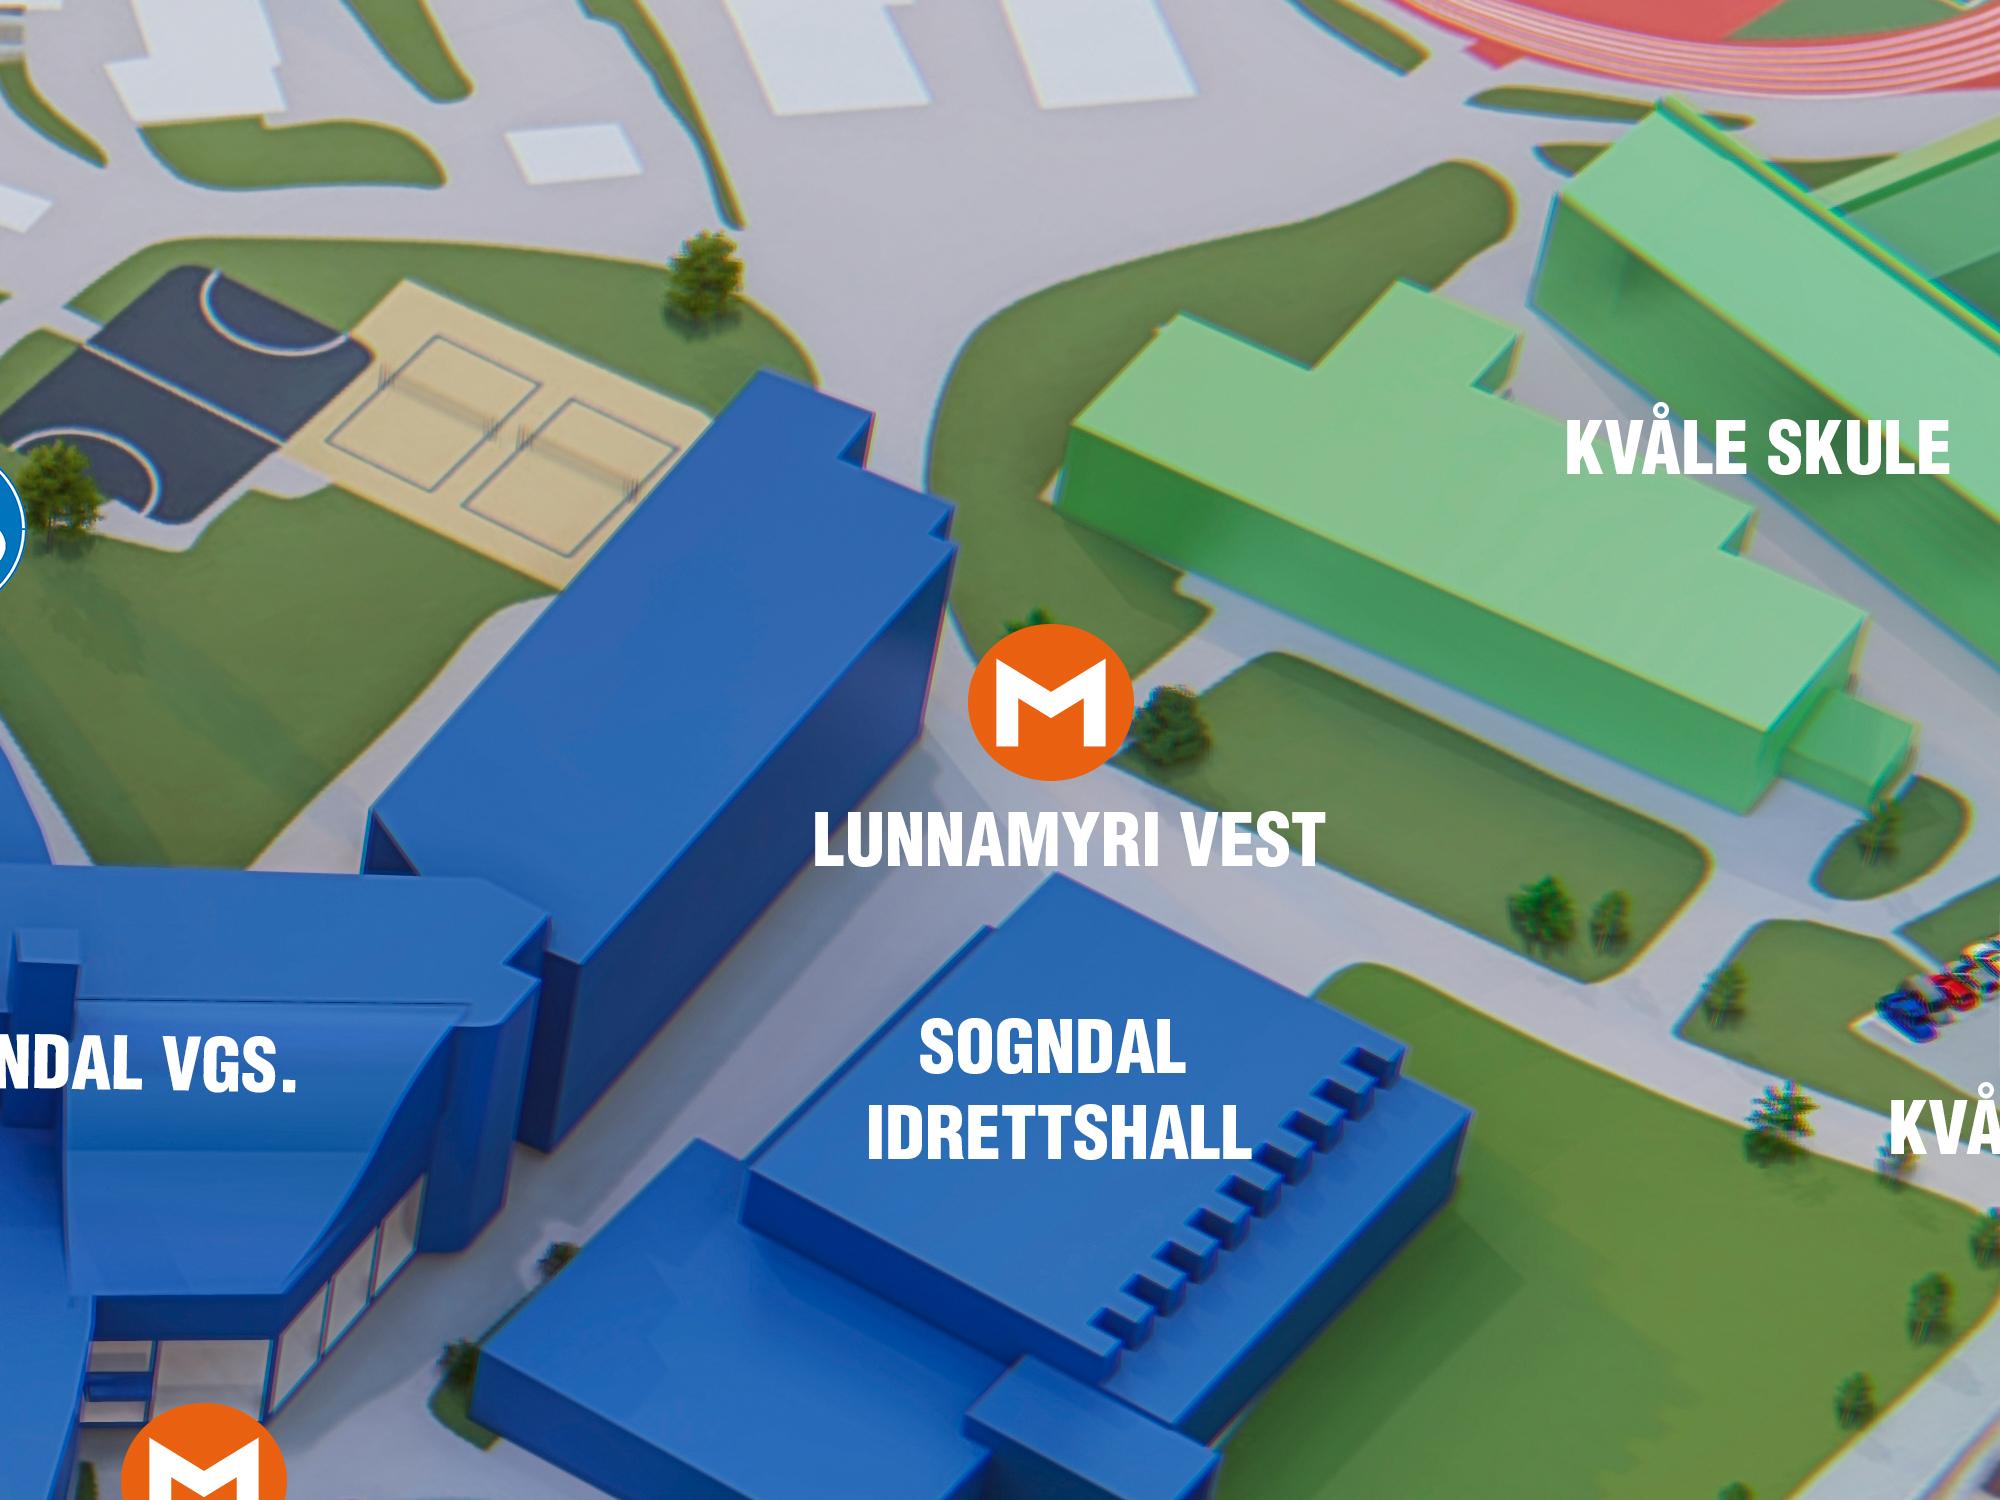 Lunnamyri Vest - Dette er møteplassen mellom Sogndal vidaregåande skule og Kvåle skule. Hugs at det er ikkje gjennomkøyring til Ingafossen, så viss du skal parkere, må det gjerast på Lunnamyri 1, Lunnamyri 2 eller ved Kvåle skule.